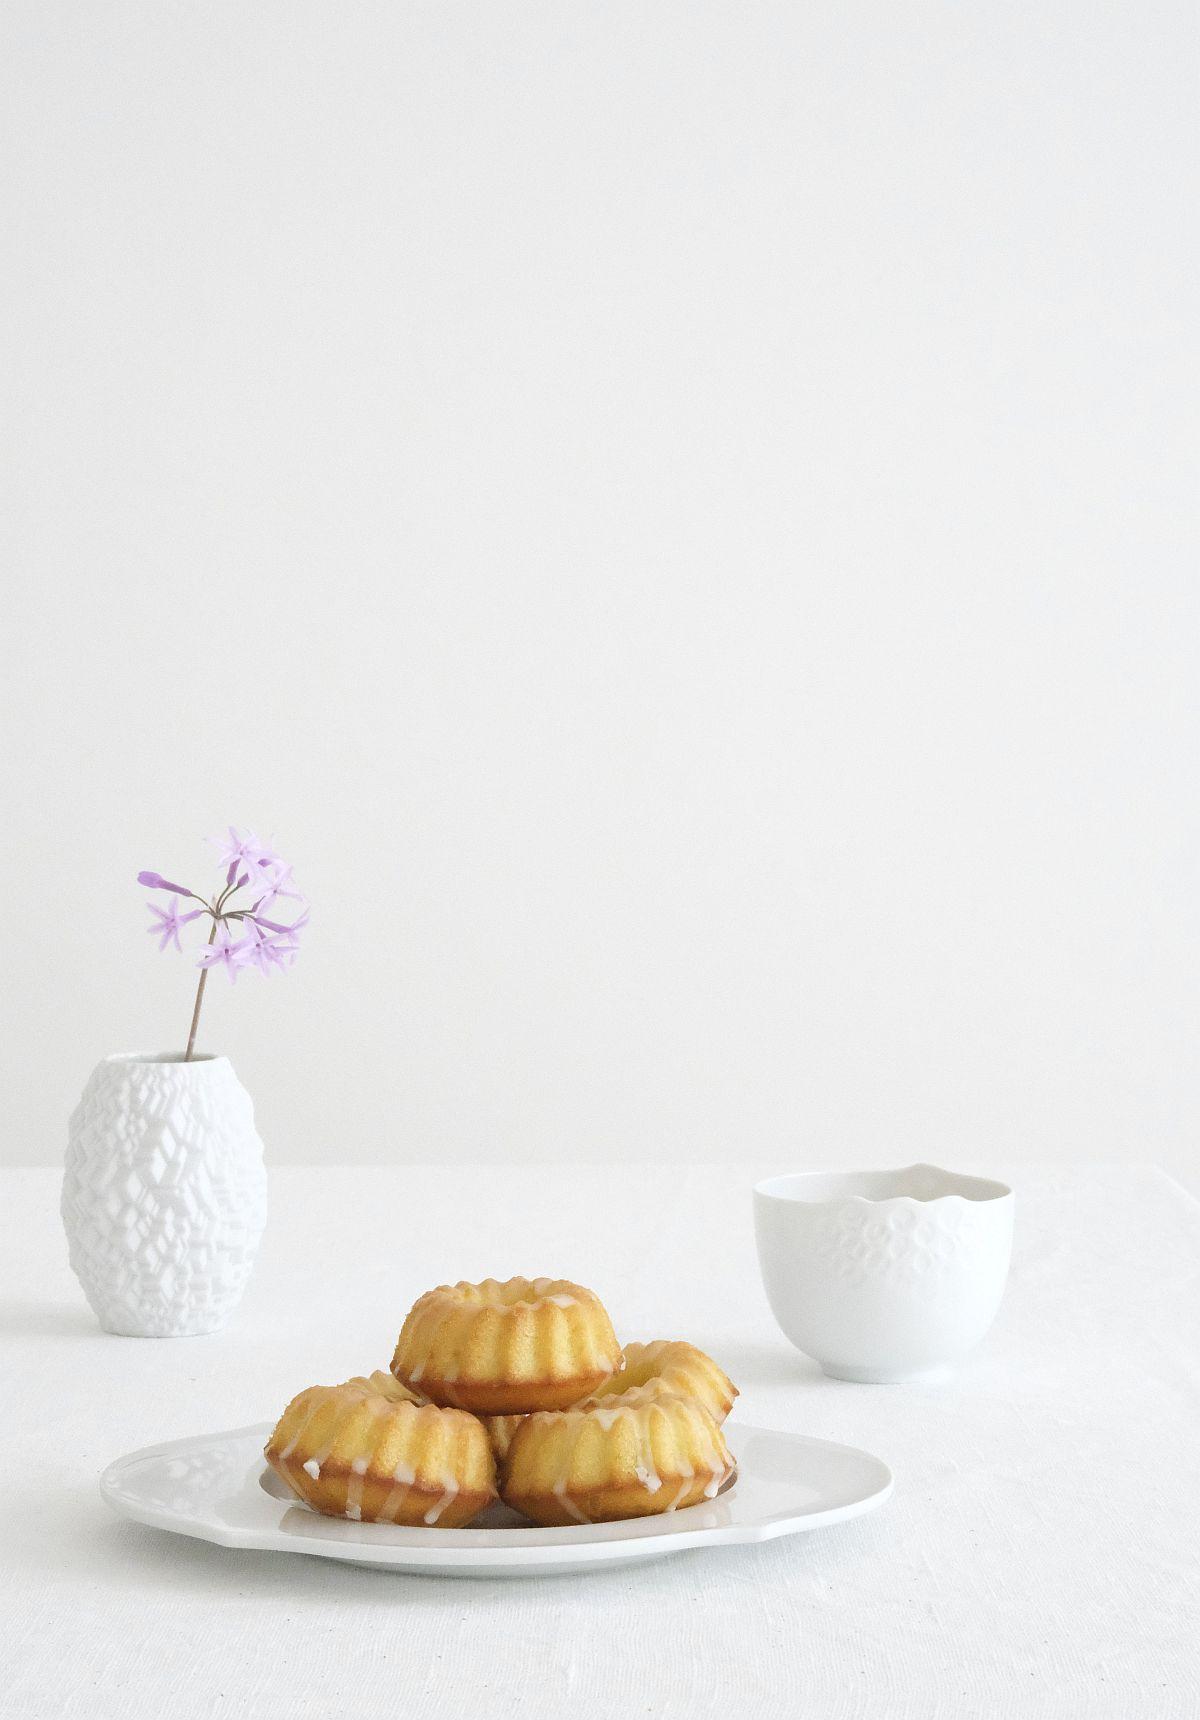 Kleine Zitronenküchlein Foto: Sabine Wittig